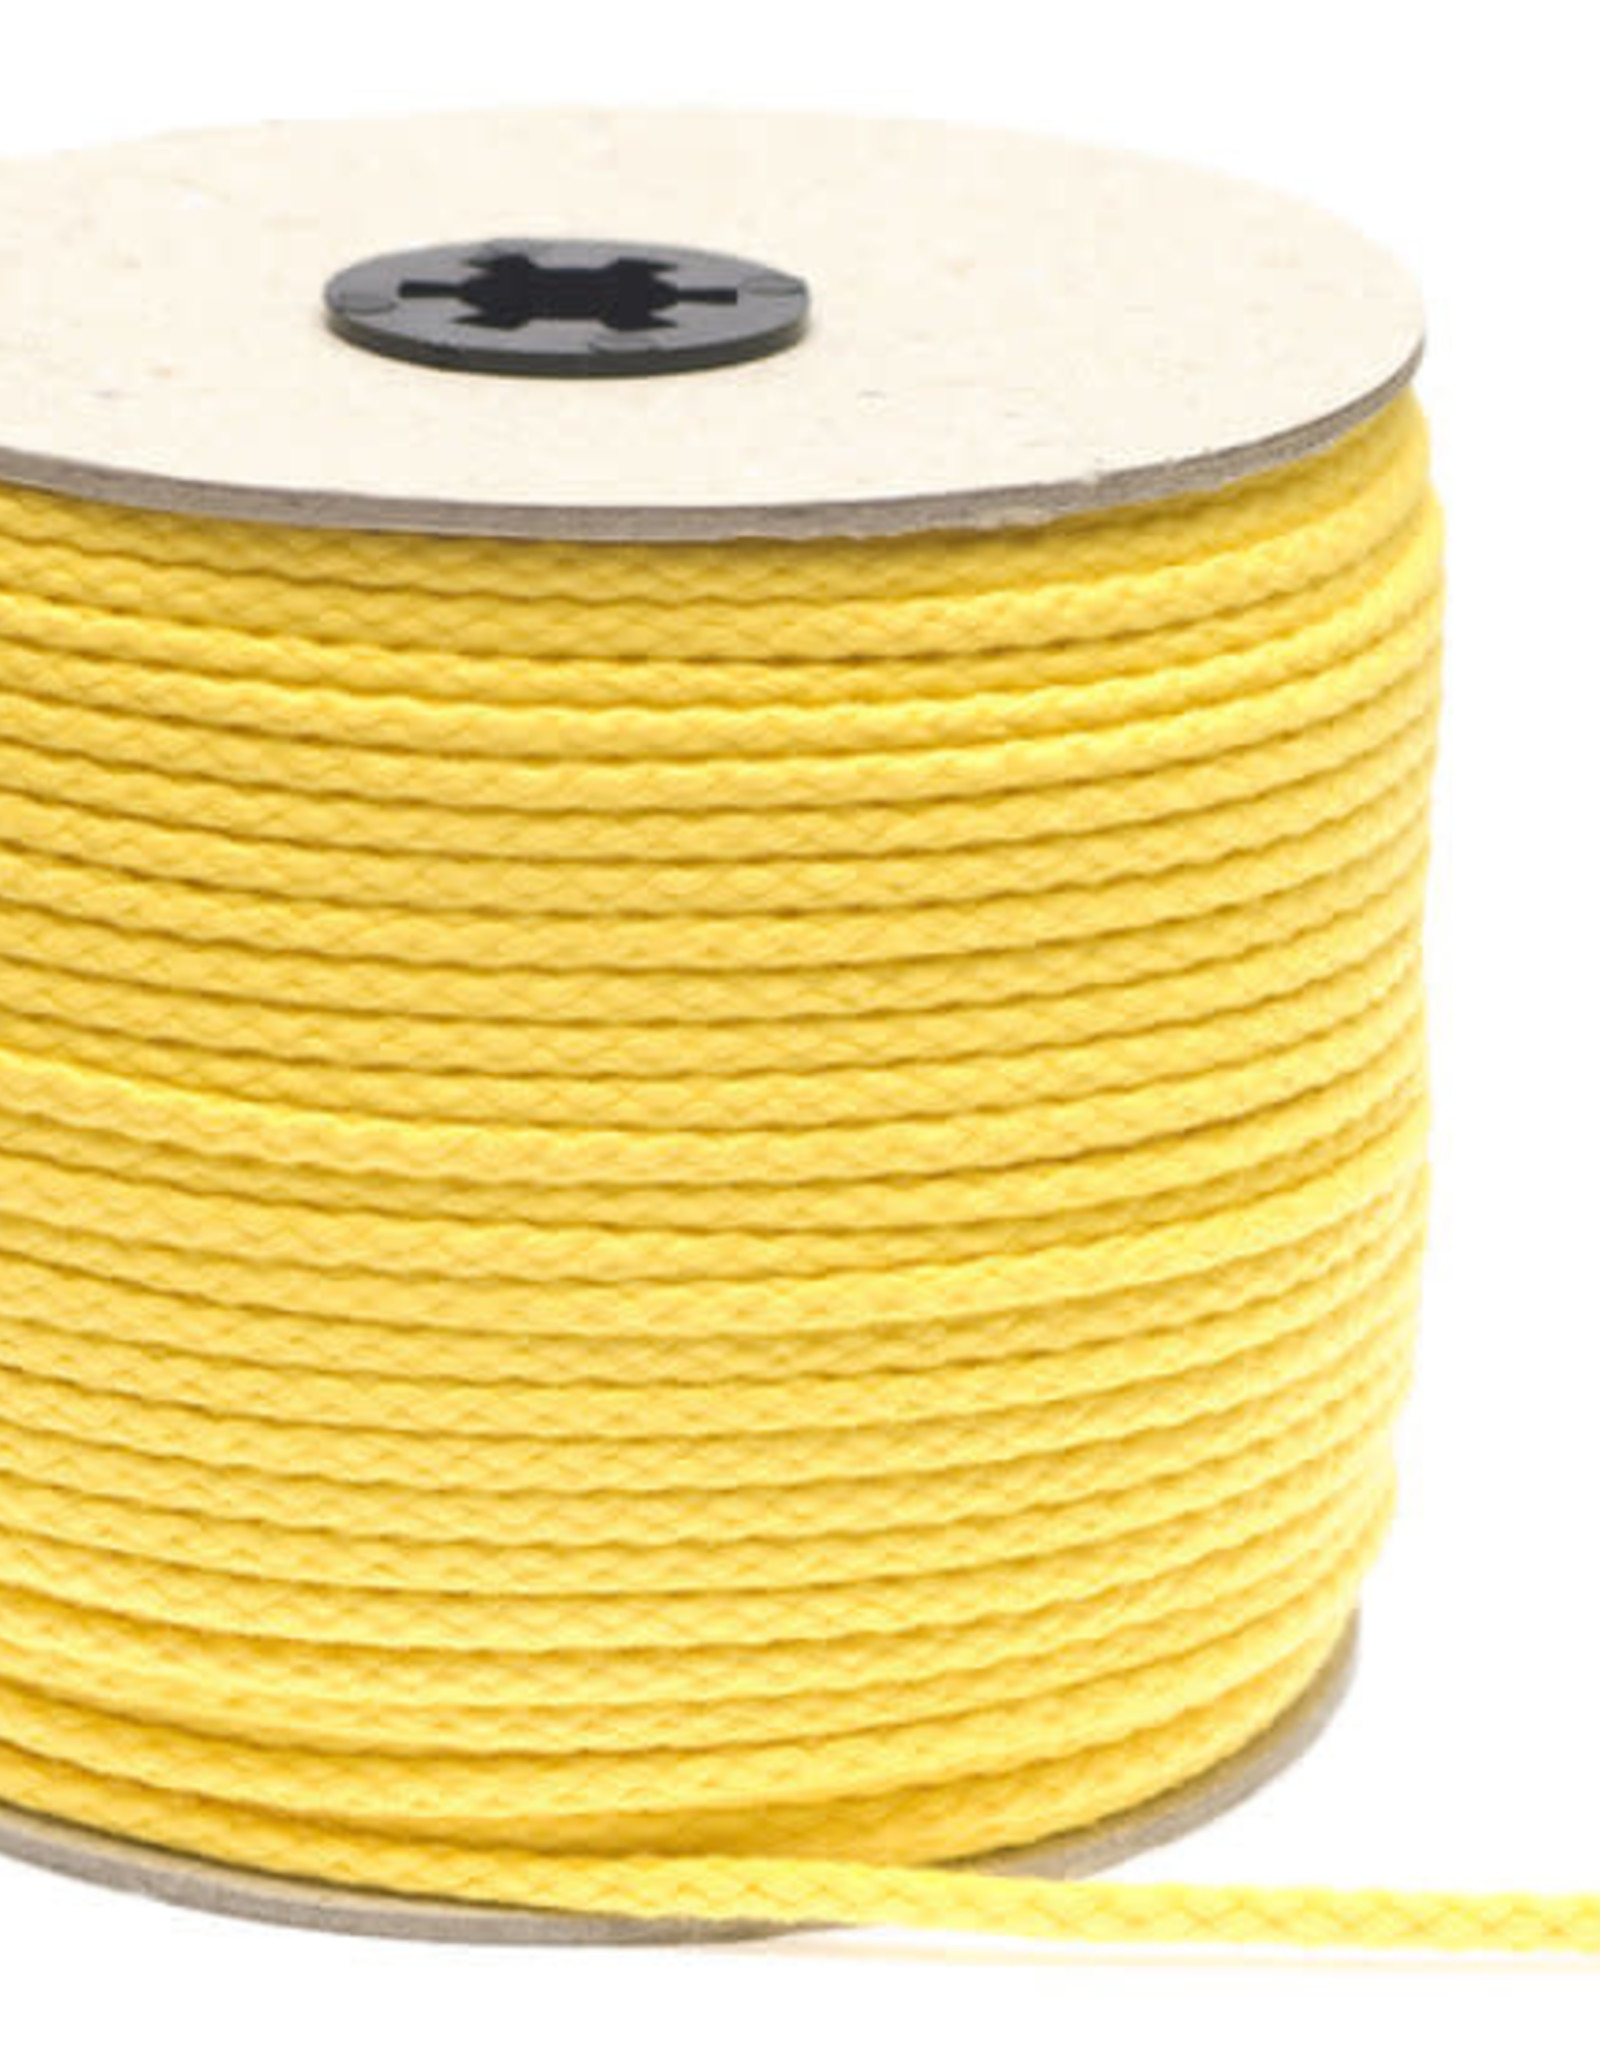 Katoenen Koord Geel - 5mm